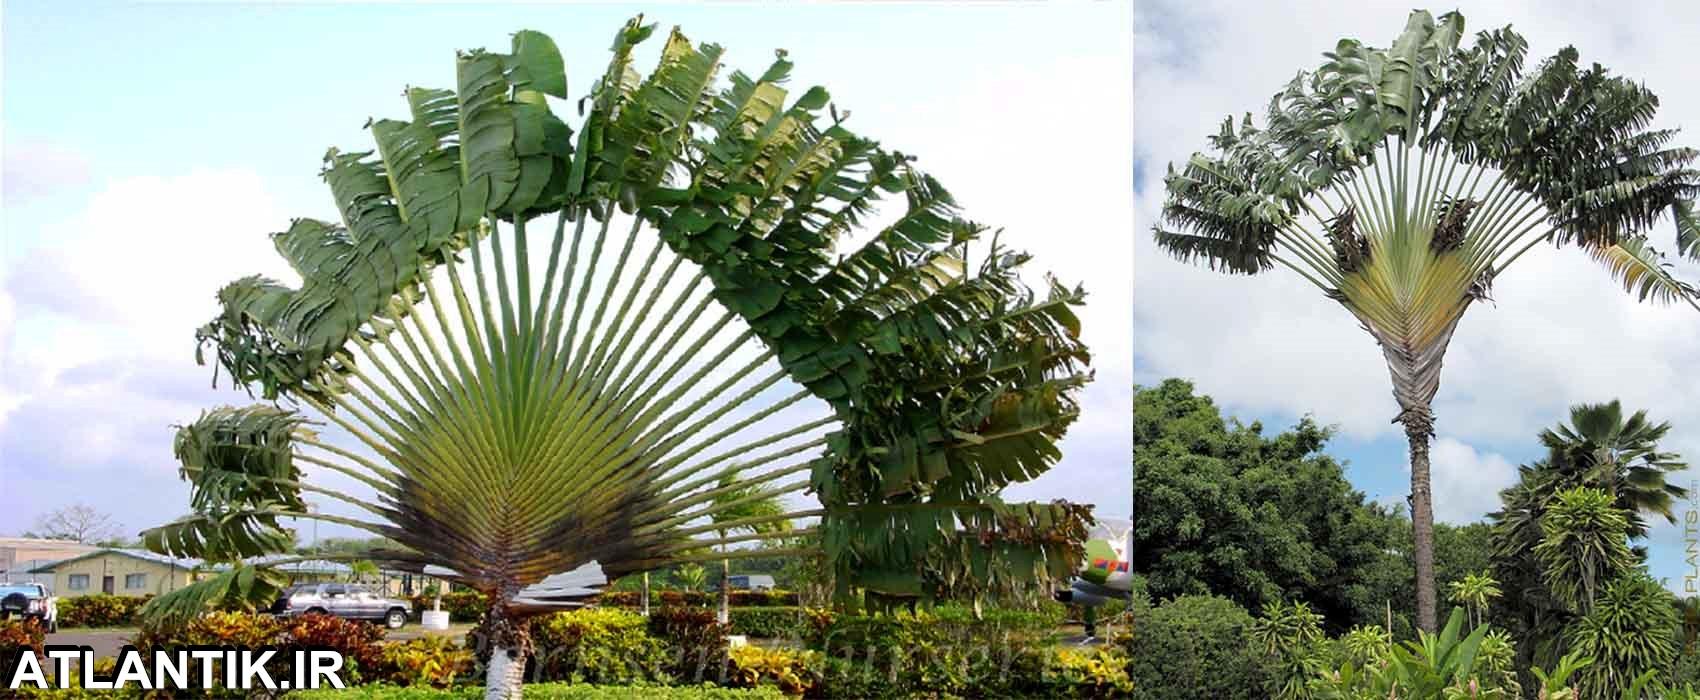 جهت یابی و الگوی رشد گیاهان، سایت آموزشی آتلانتیک